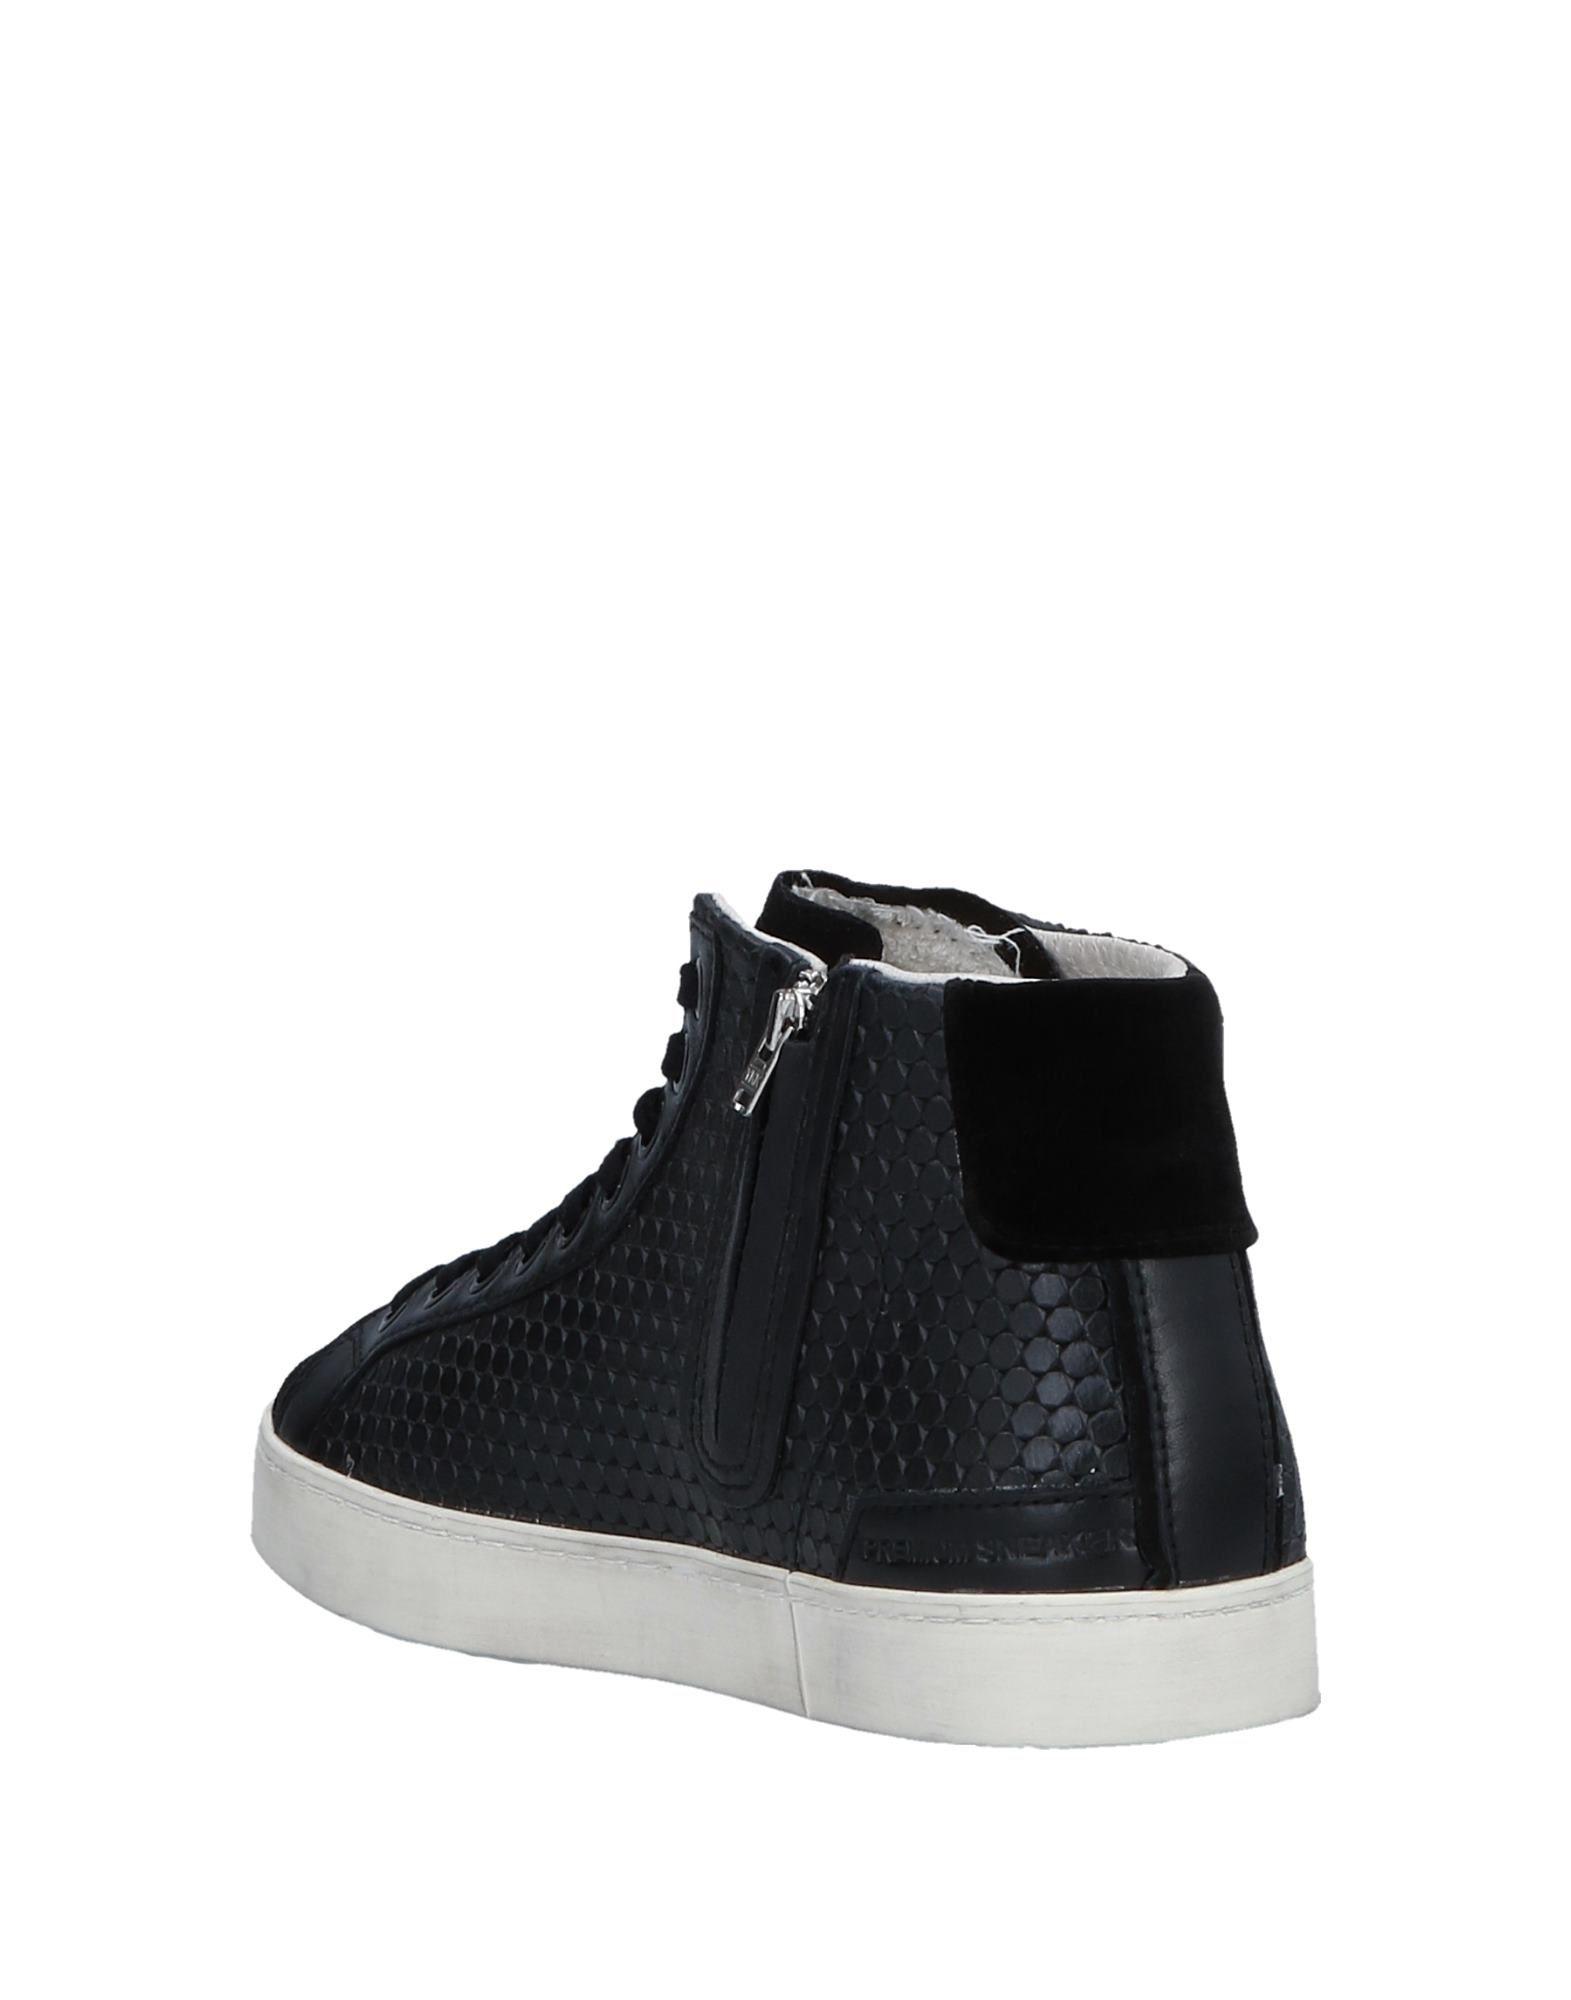 D.A.T.E. D.A.T.E. D.A.T.E. Sneakers Damen  11519156CP Gute Qualität beliebte Schuhe 6ccd96